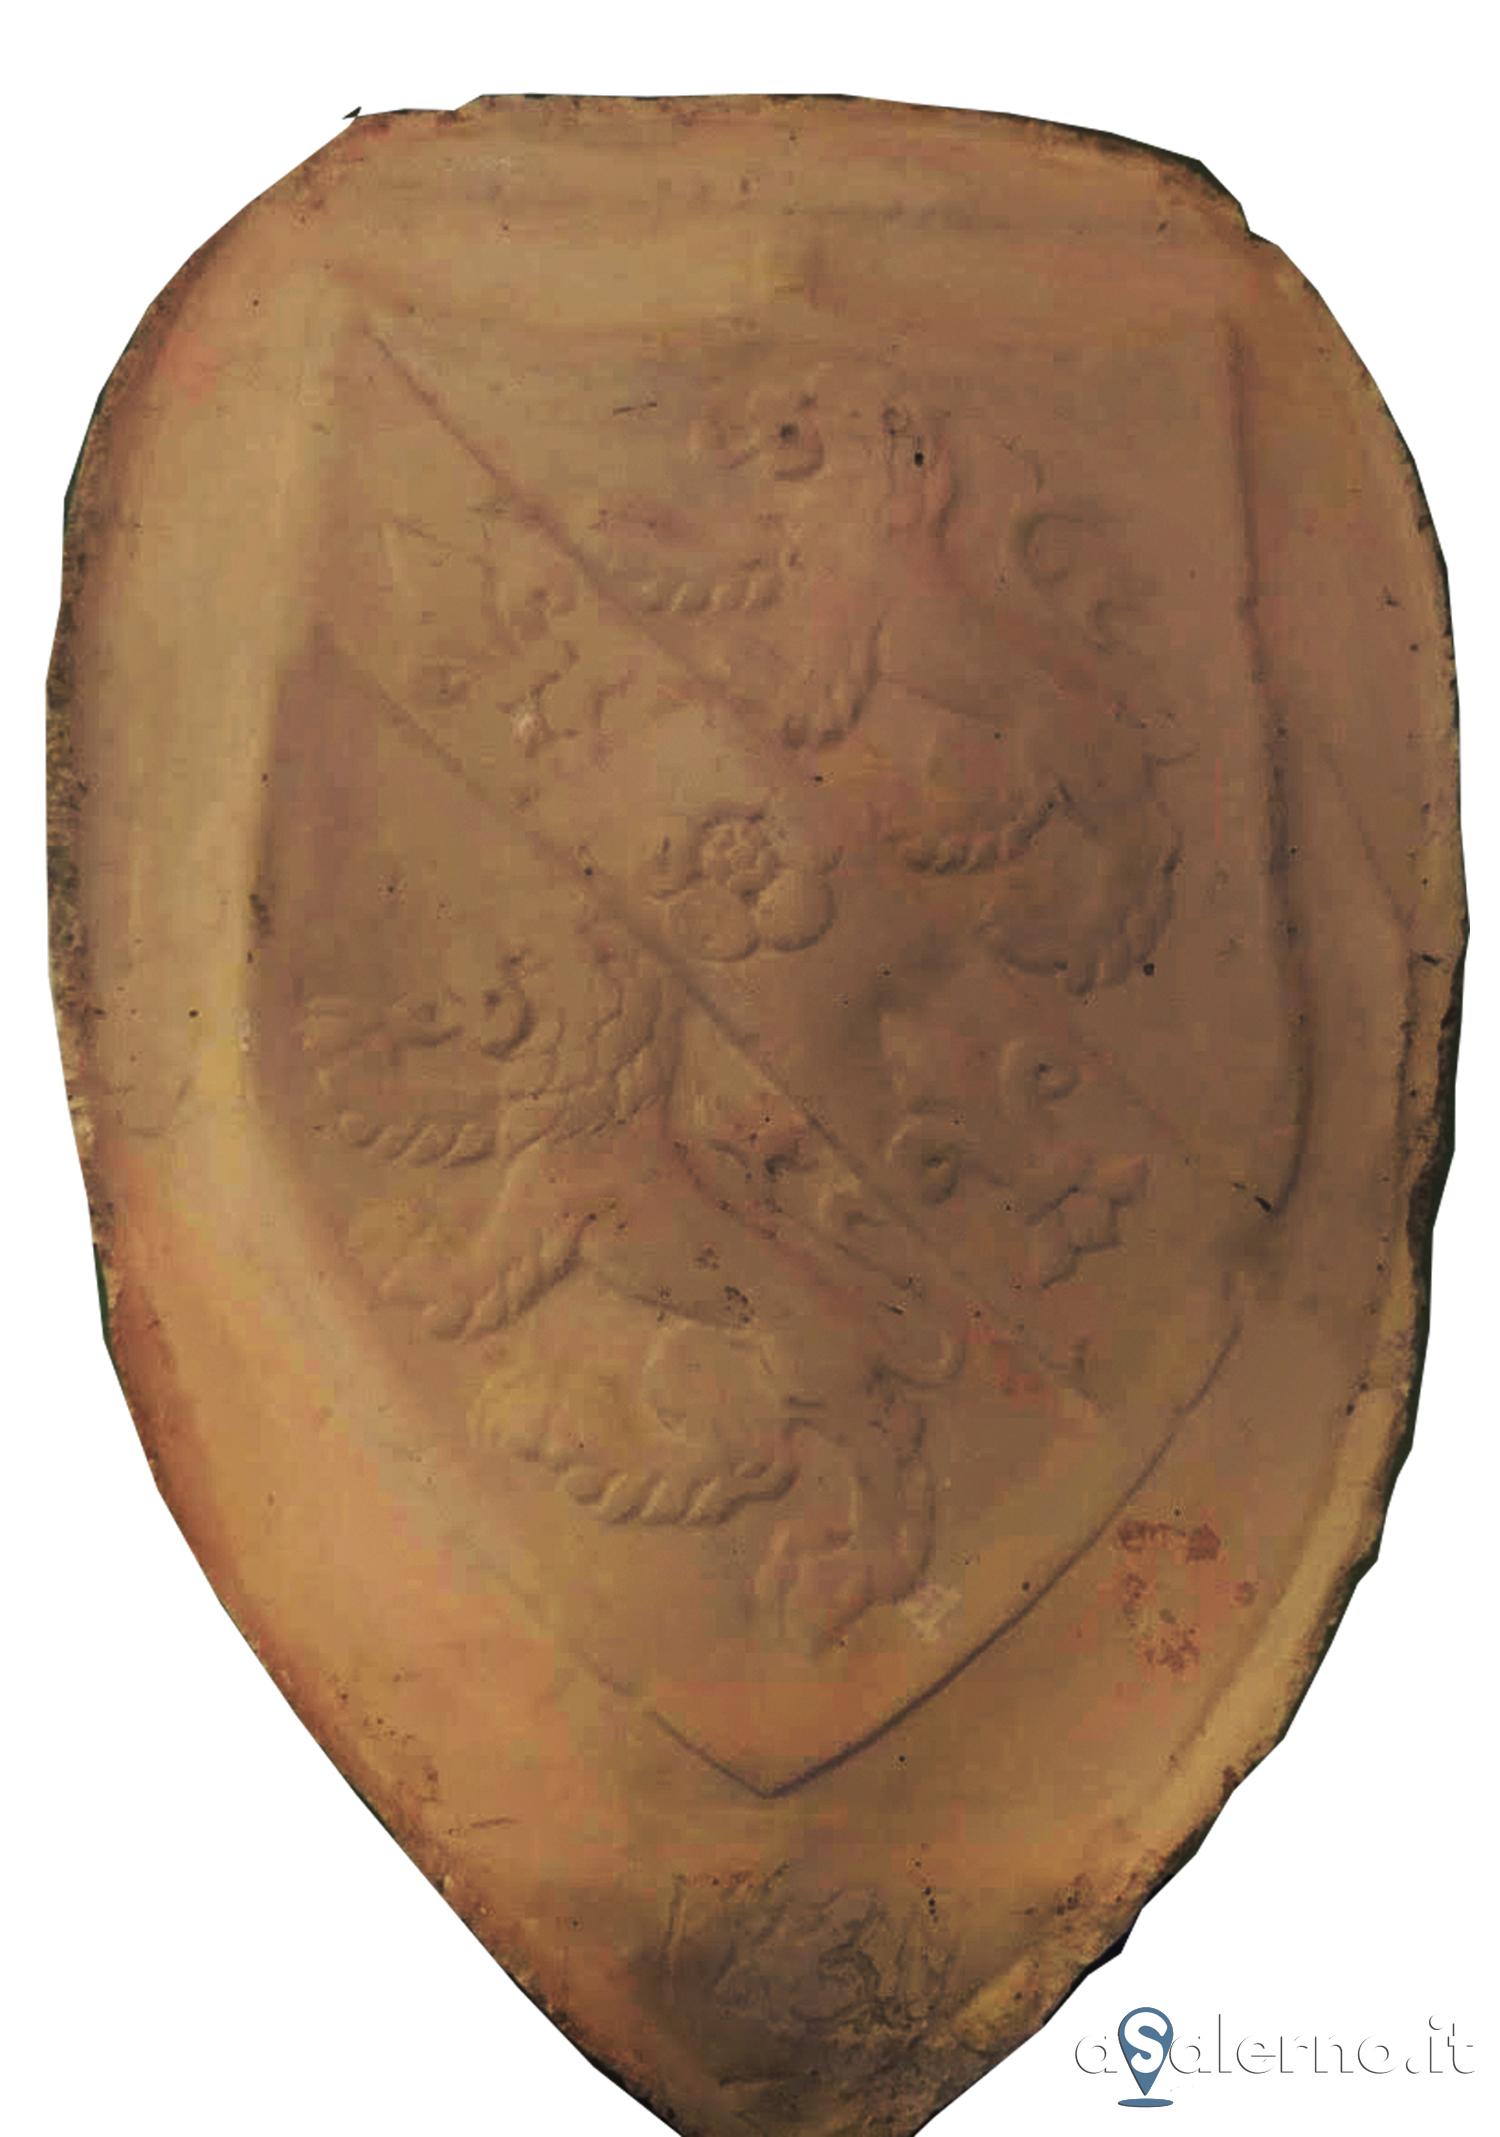 Fotografo Cava Dei Tirreni cava de' tirreni: al palazzo di città uno stemma, in gesso